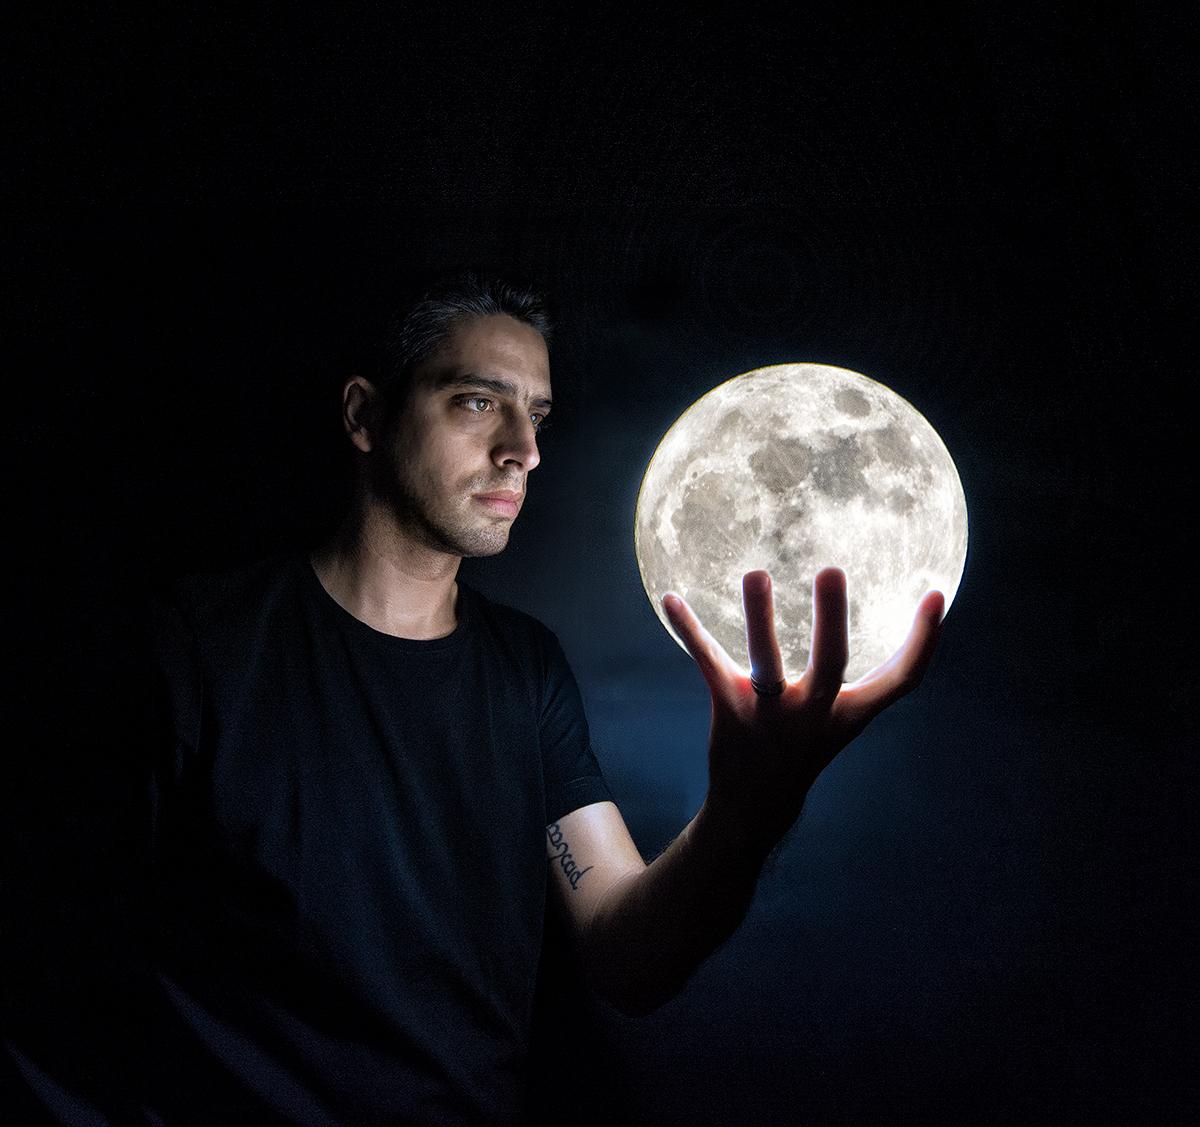 A moon all mine